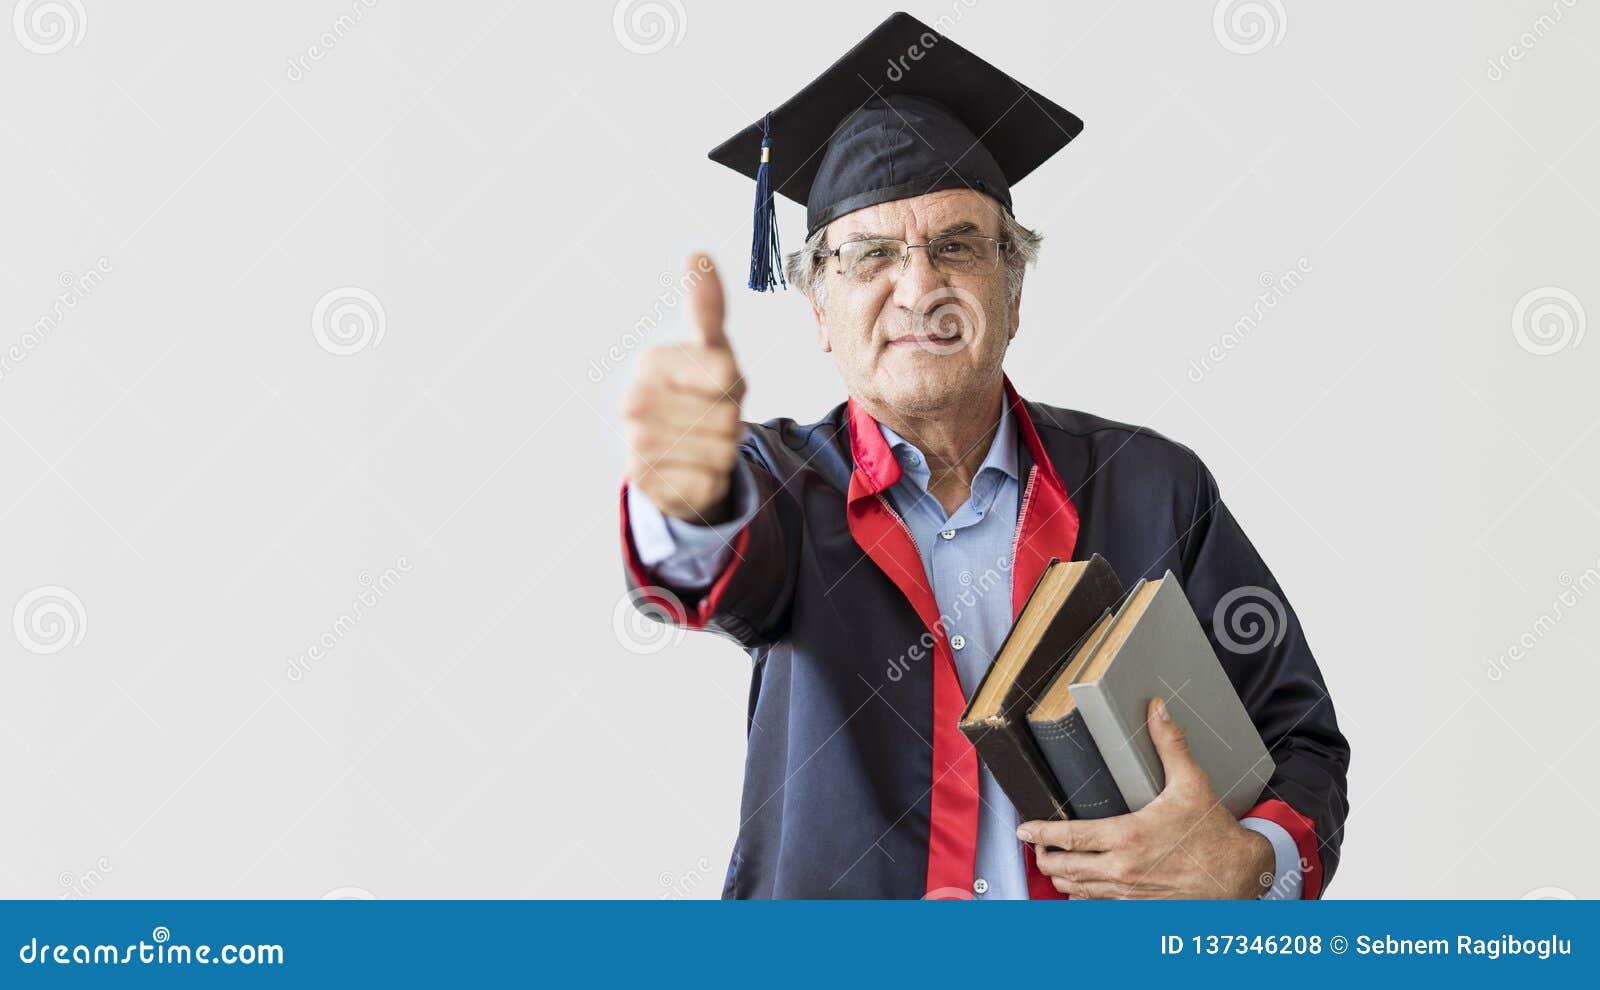 Senior adult man in cap